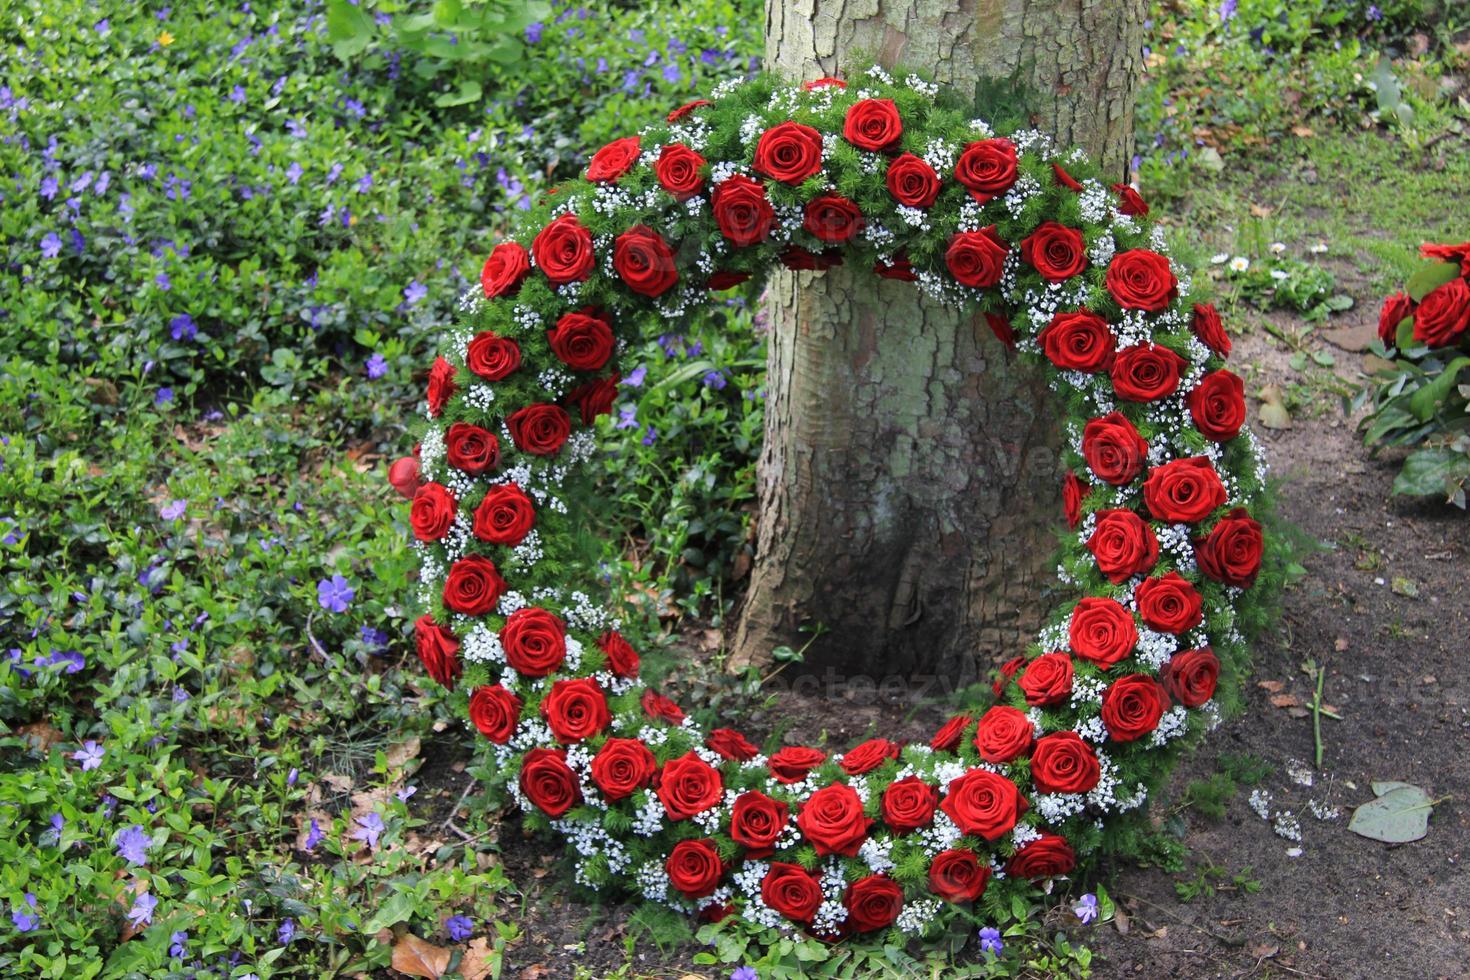 rote Rosenkranz in der Nähe eines Baumes foto